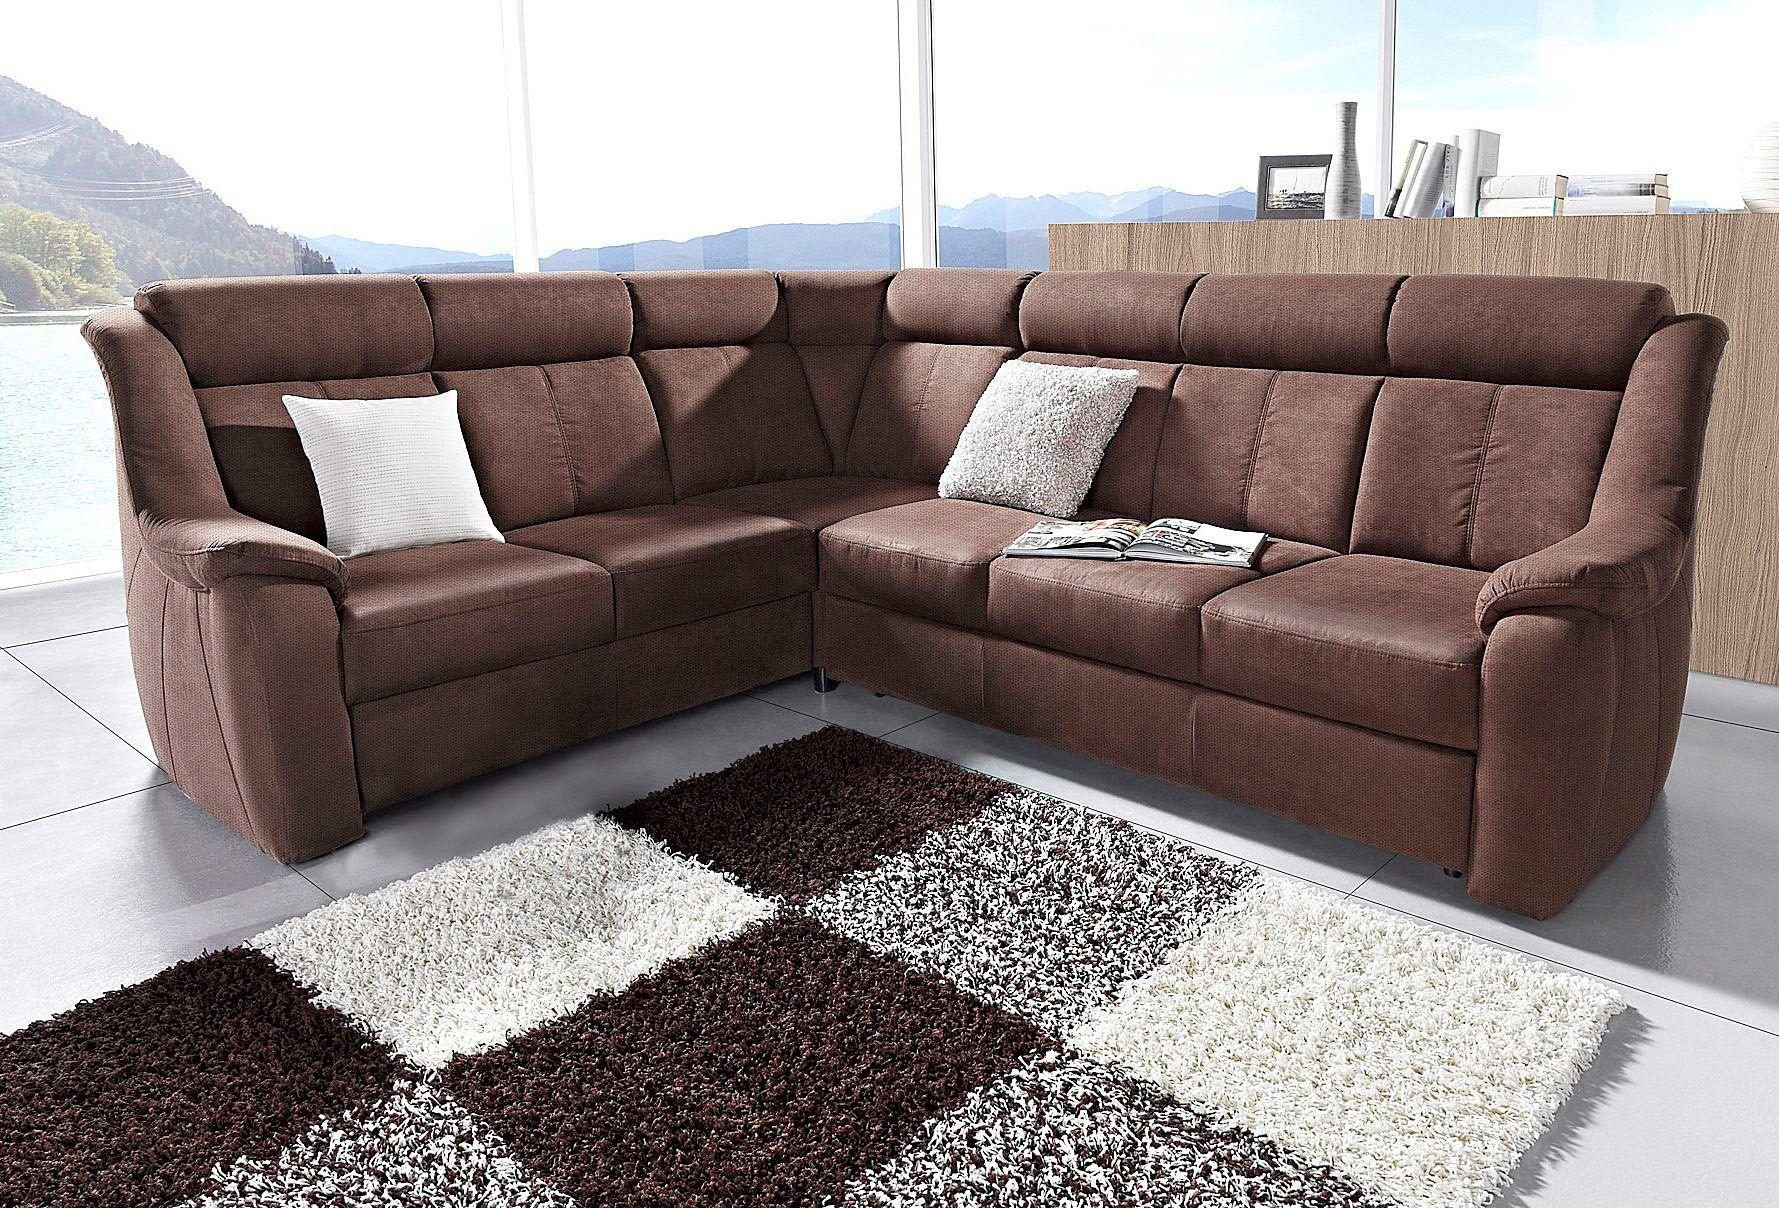 Wunderbar Sofa Mit Relaxfunktion Beste Wahl Polstergarnitur Braun, Relaxfunktion, Langer Schenkel Rechts, Fsc®-zertifiziert,